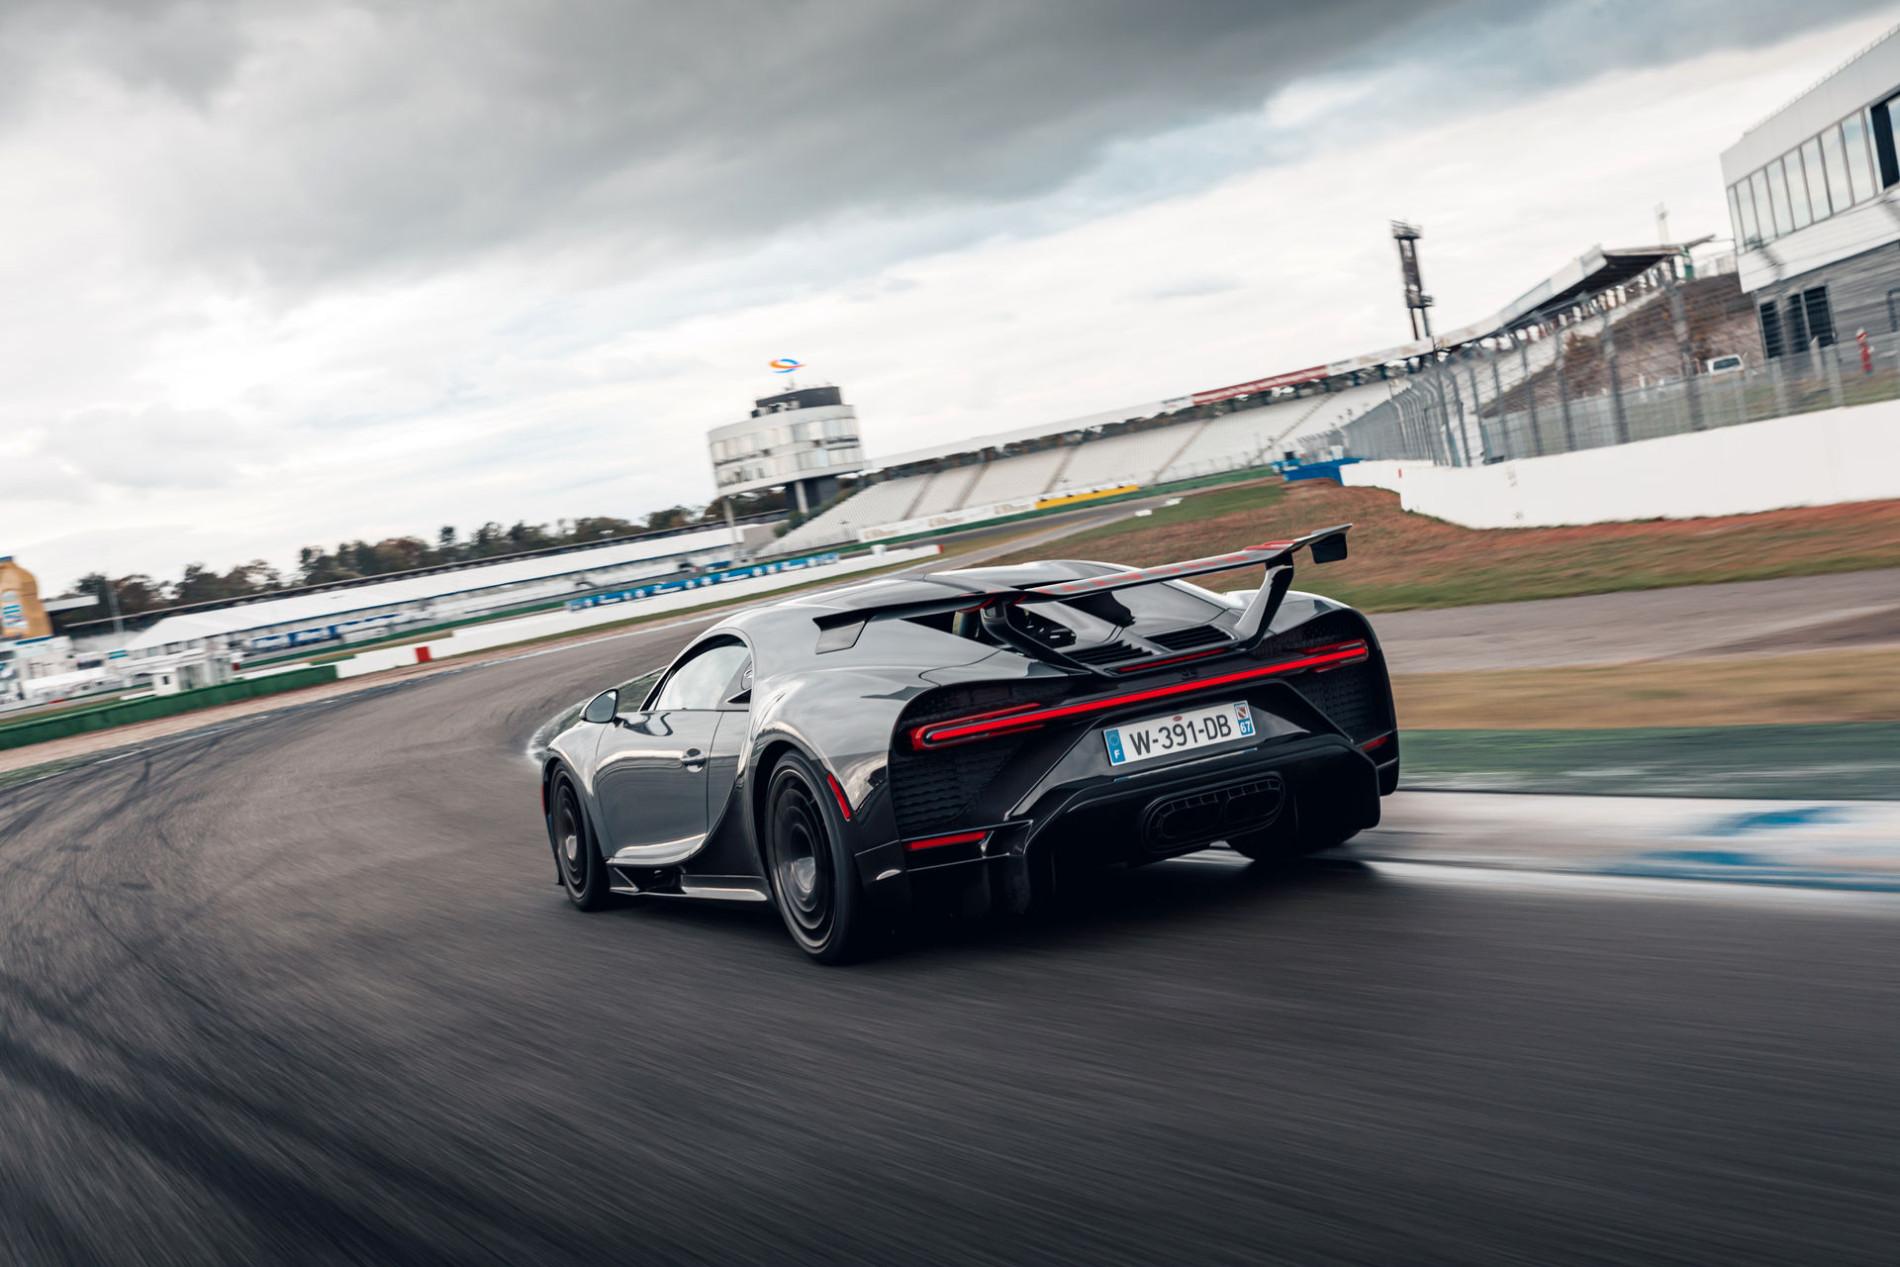 Bugatti Chiron Pur Sport - Poze noi - Bugatti Chiron Pur Sport - Poze noi